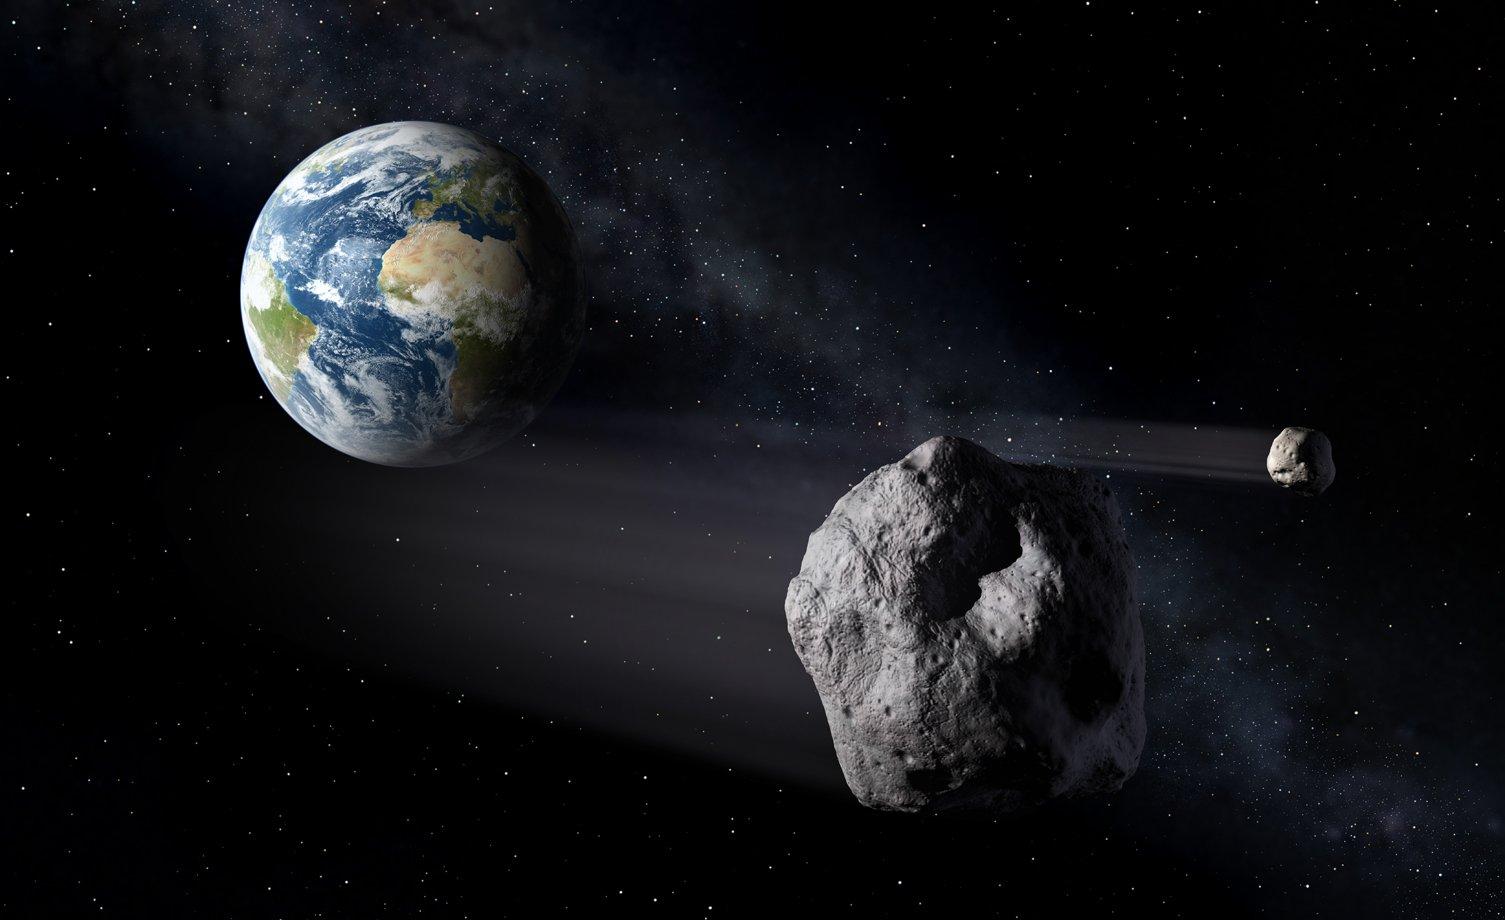 Ein Asteroid nimmt Kurs auf die Erde:Der Asteroid TC4, der am 12. Oktober 2012 in einer Entfernung von lediglich 94.800 Kilometern an der Erde vorbeiflog, kehrt zurück.Am 12. Oktober 2017 könnte er auf der Erde einschlagen.